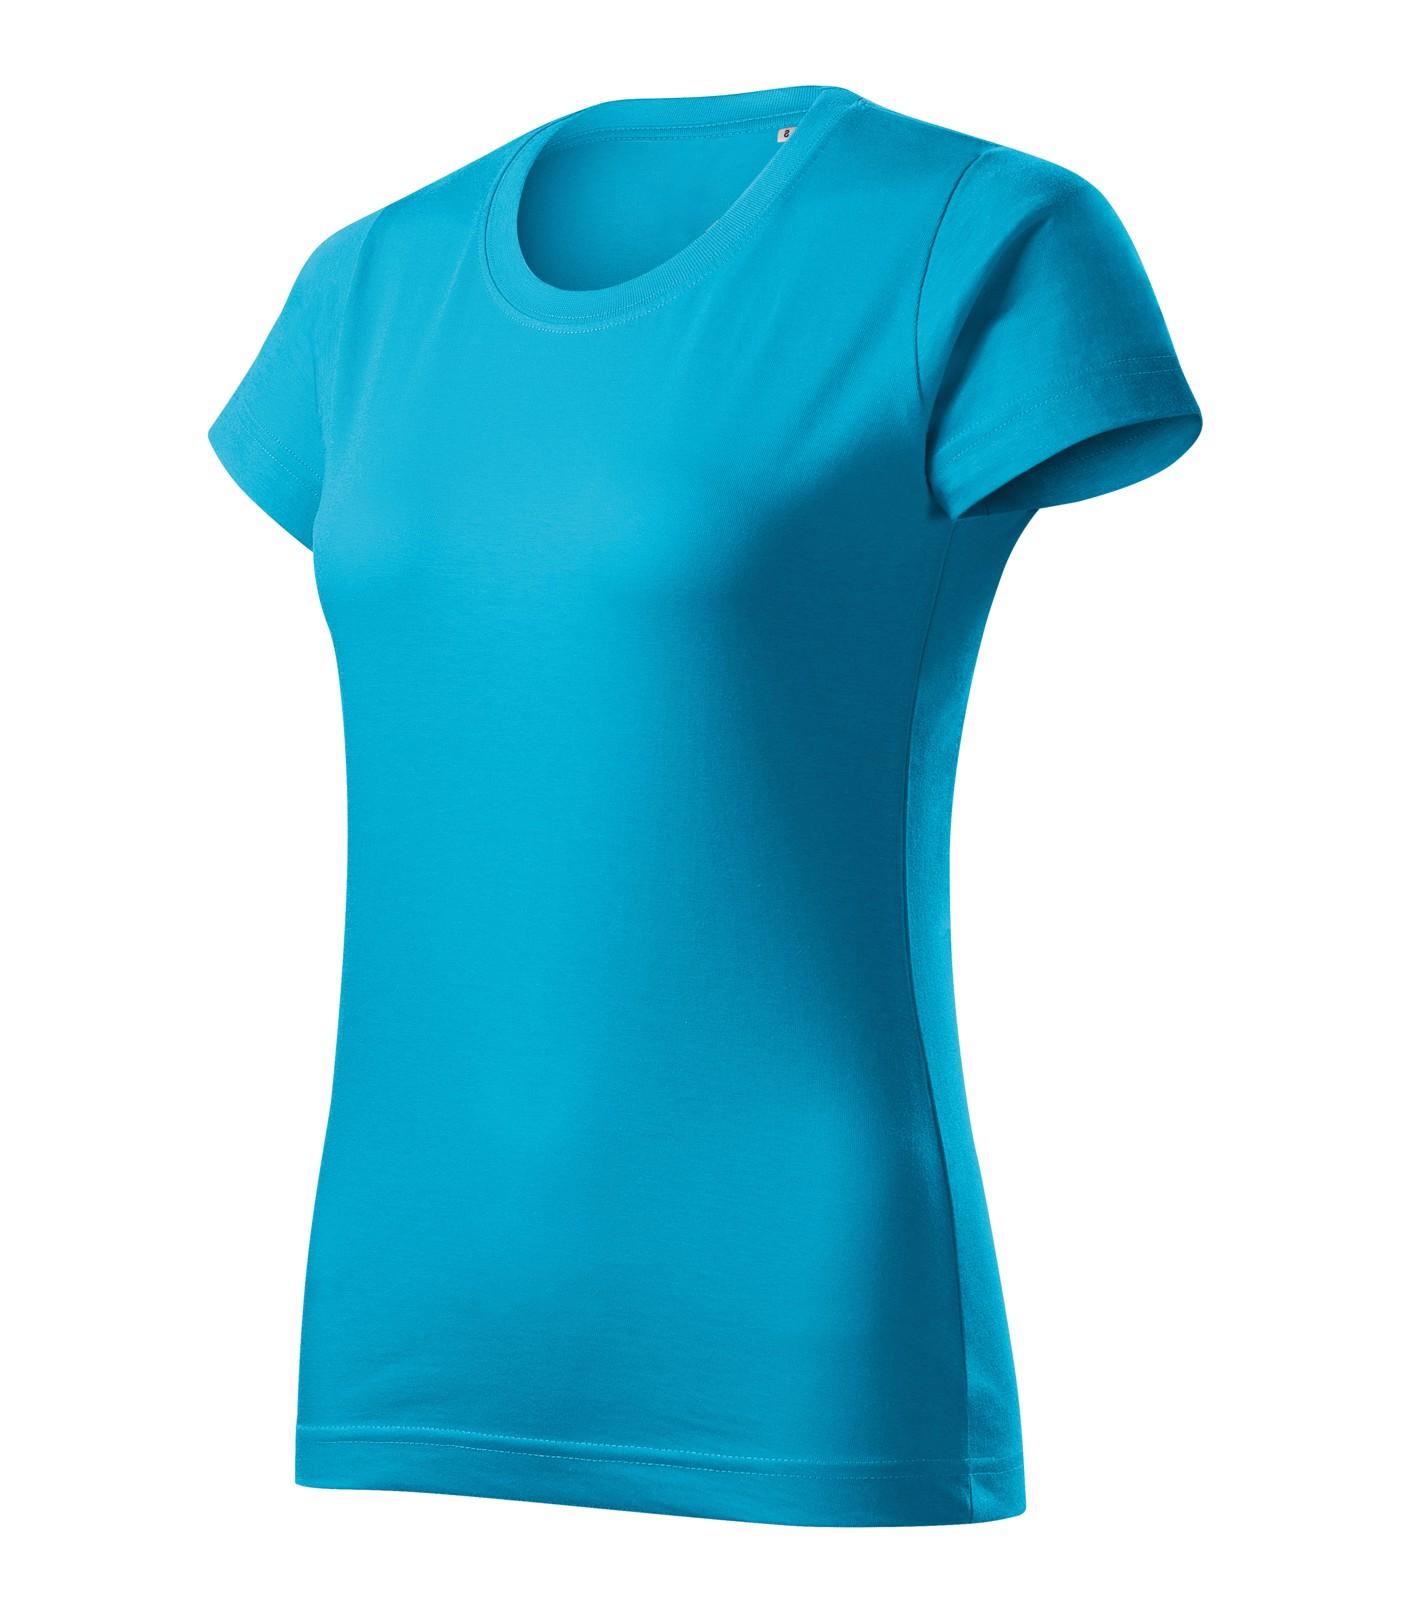 T-shirt women's Malfini Basic Free - Blue Atoll / XL